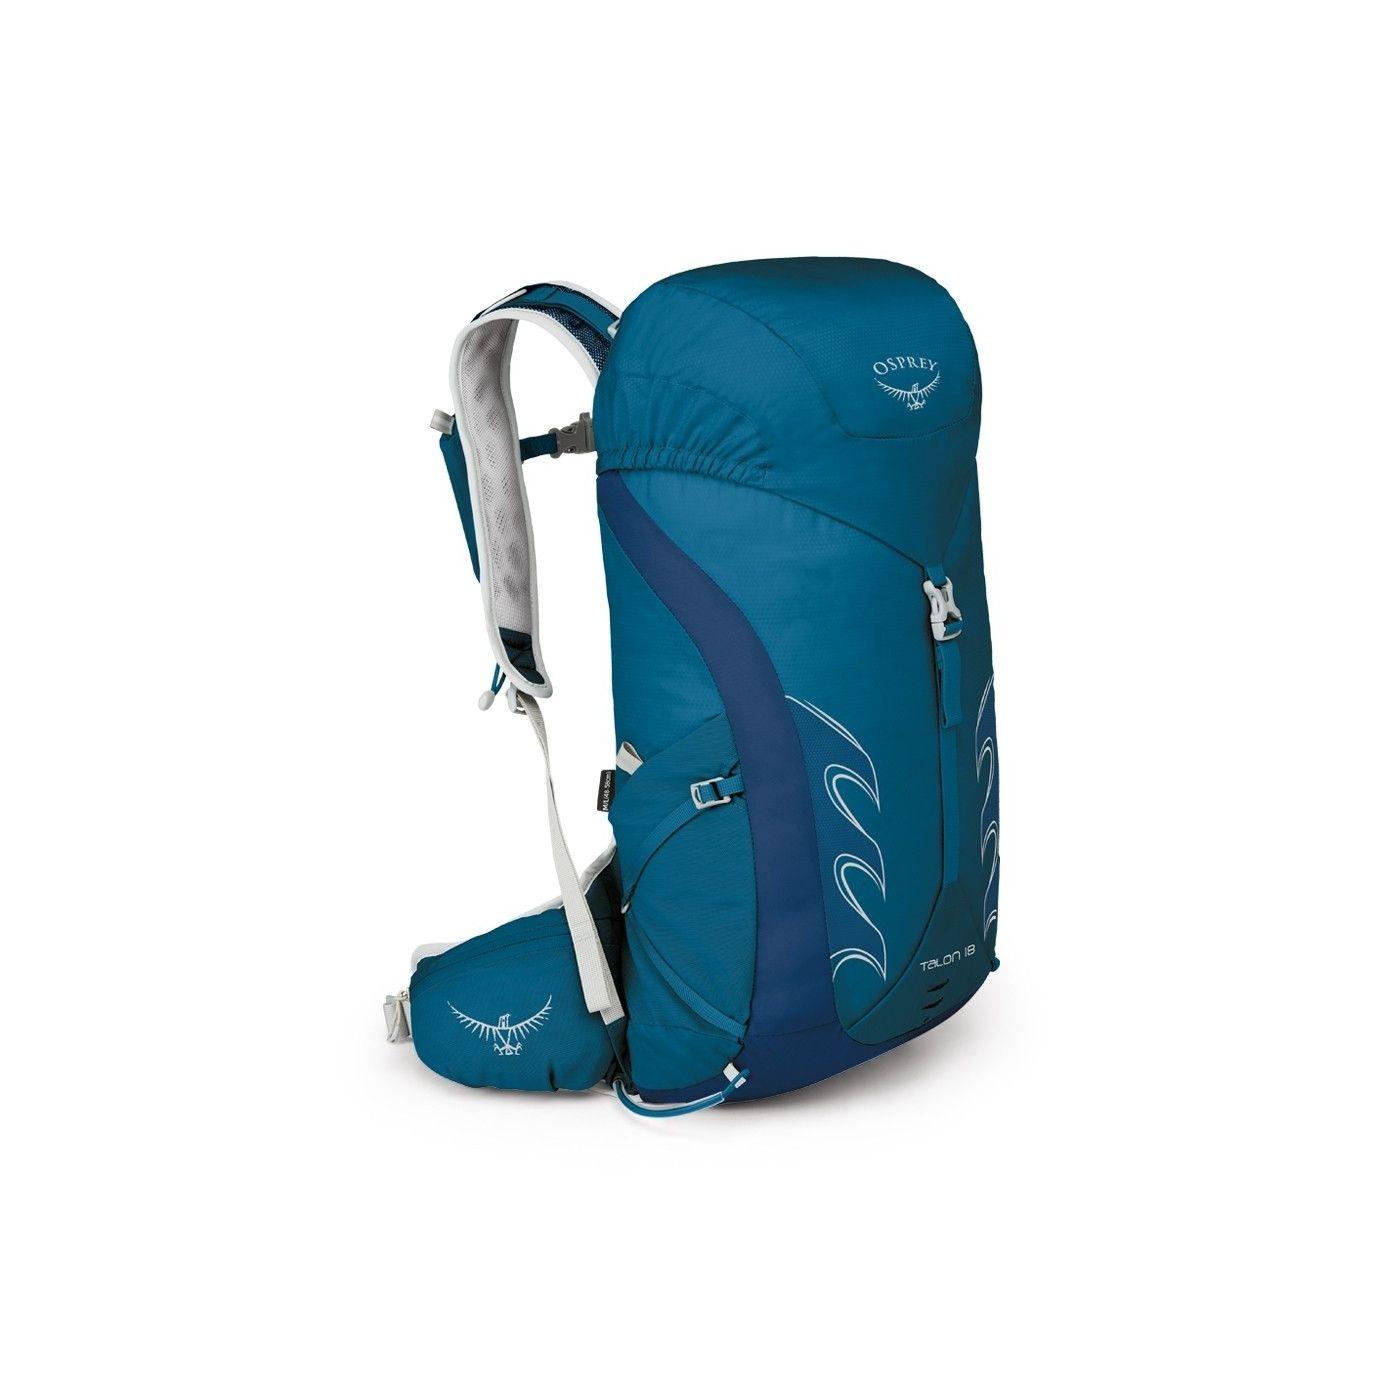 Men's backpack Osprey Talon 18 II